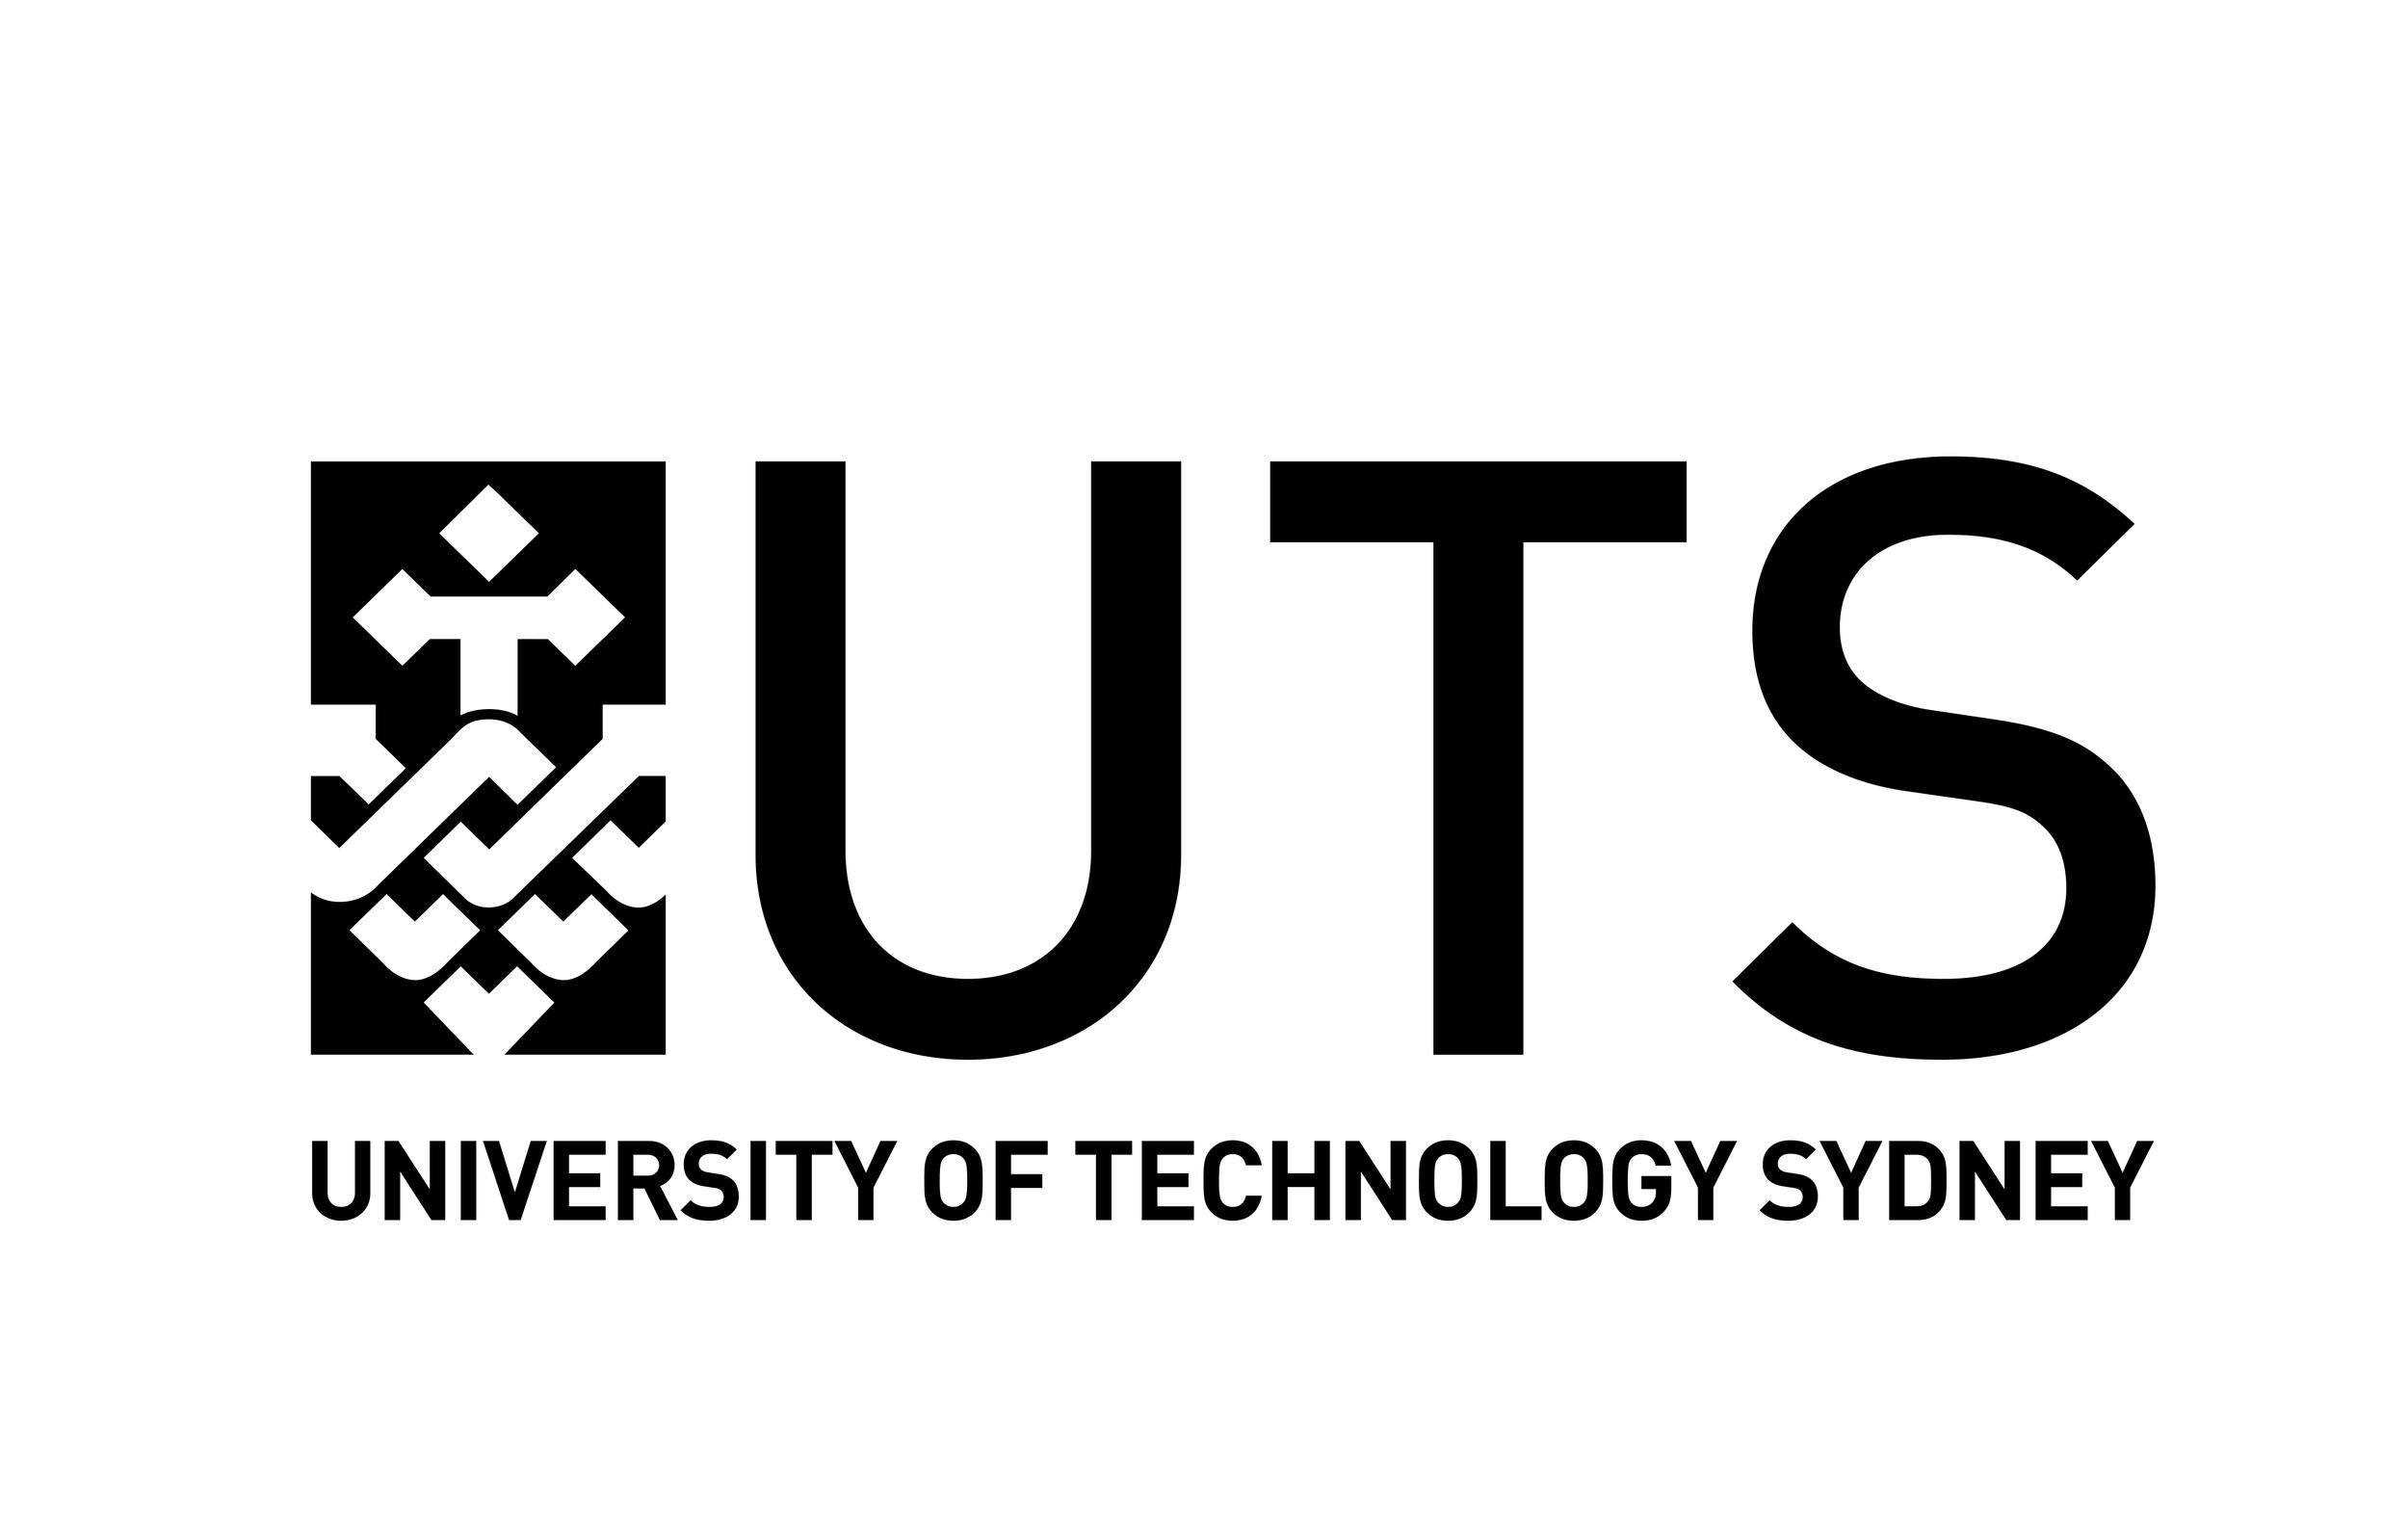 Black-UTS-logo-Title HI RES.jpg